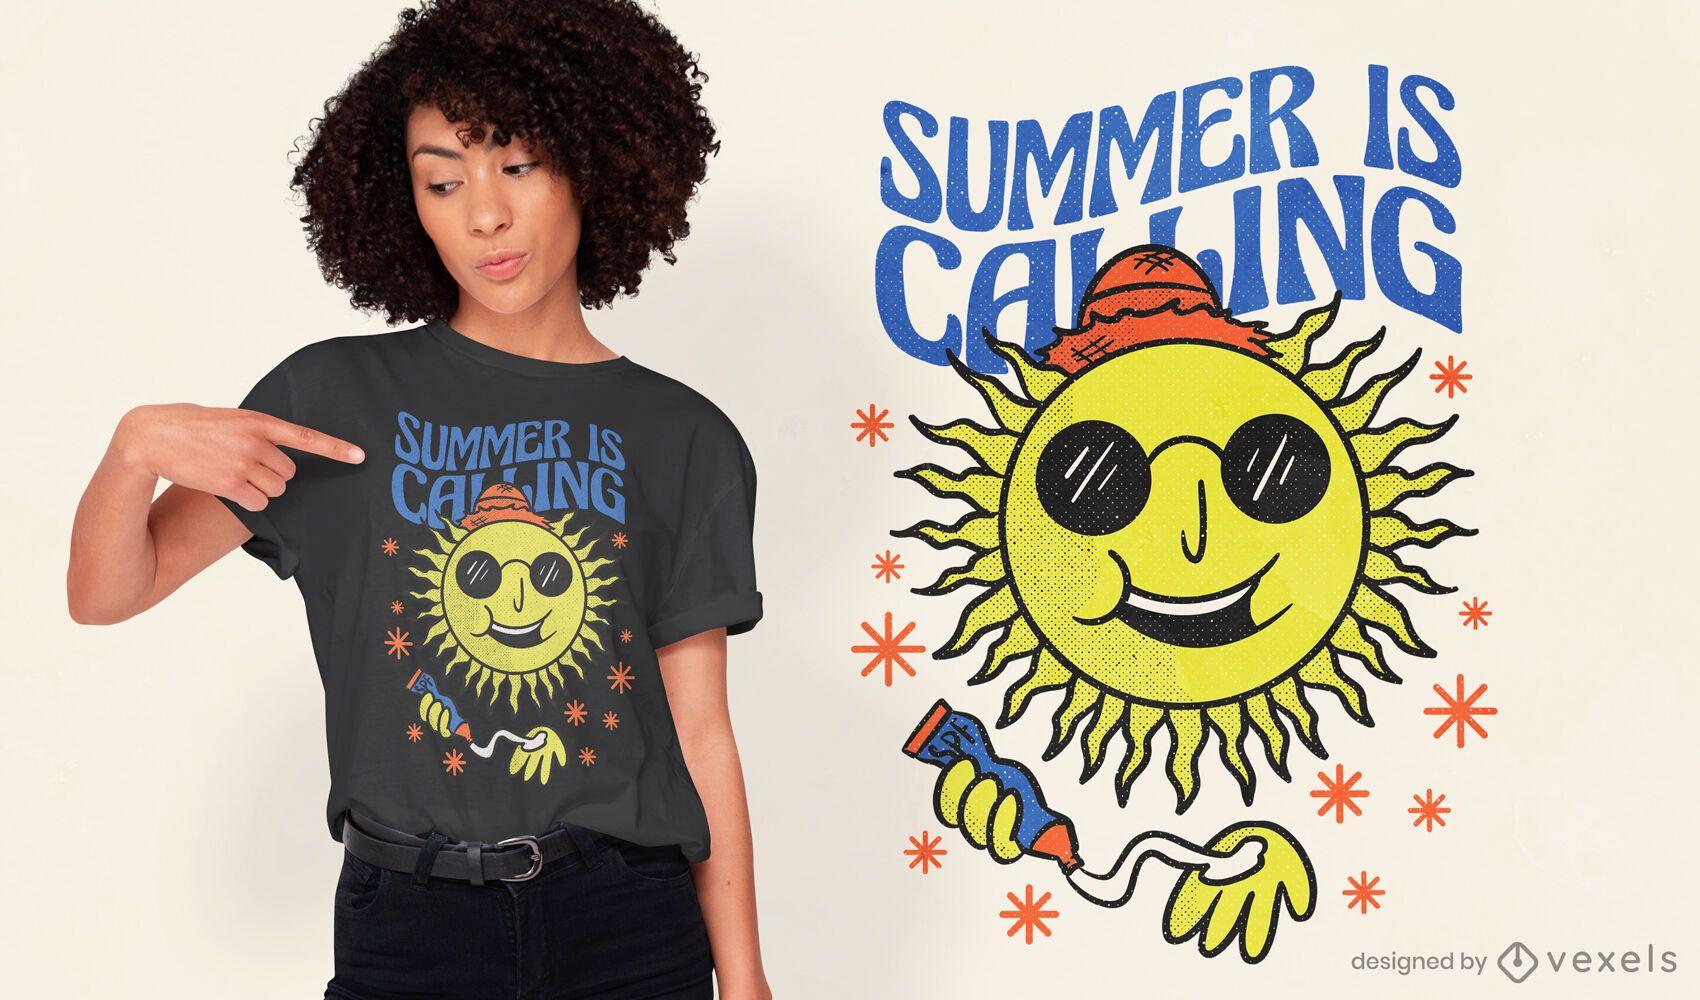 Summer is calling t-shirt design